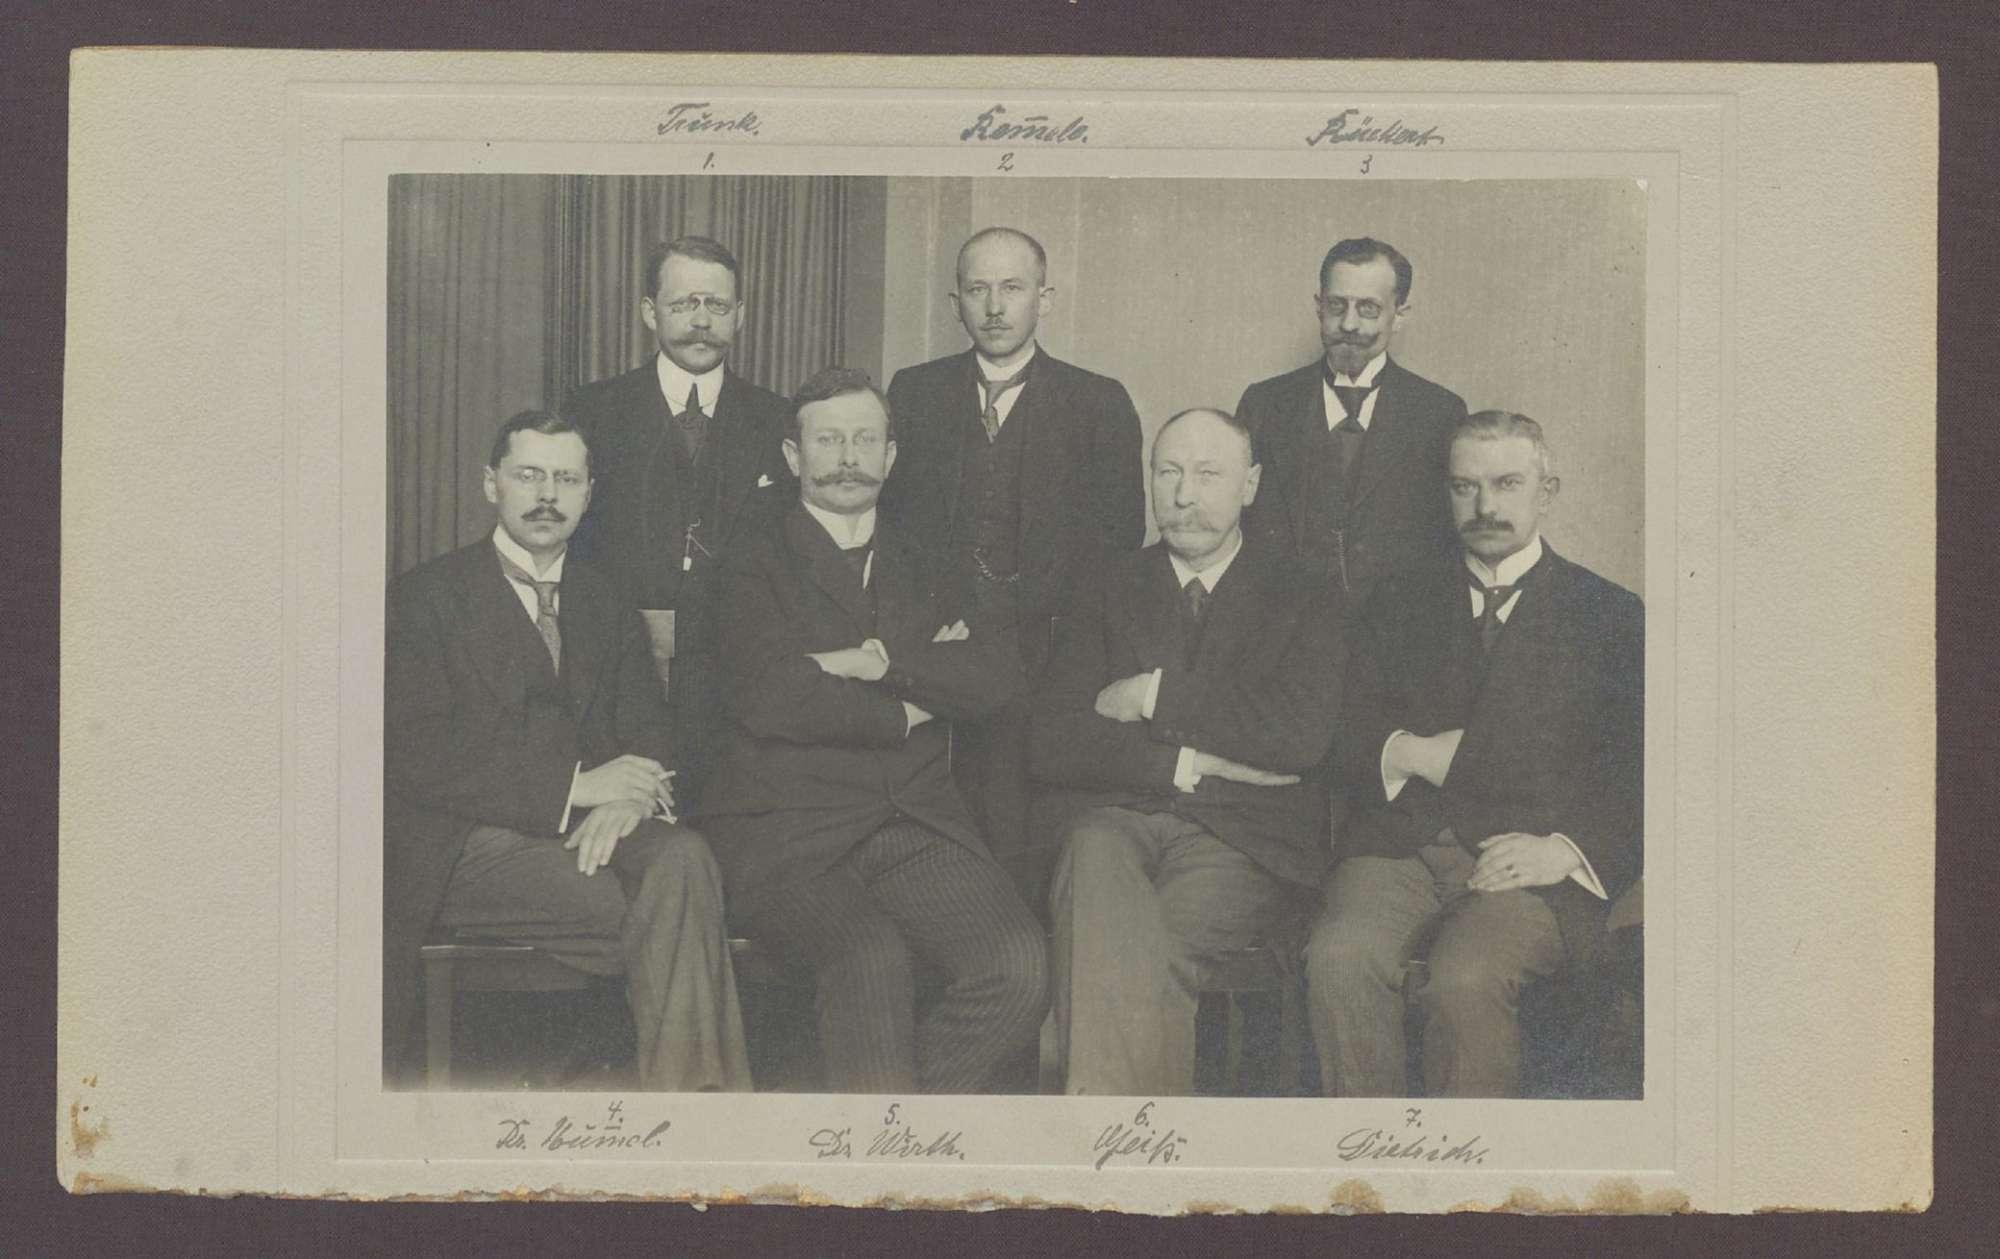 Mitglieder der Badischen Regierung (Gruppenbild), Bild 1